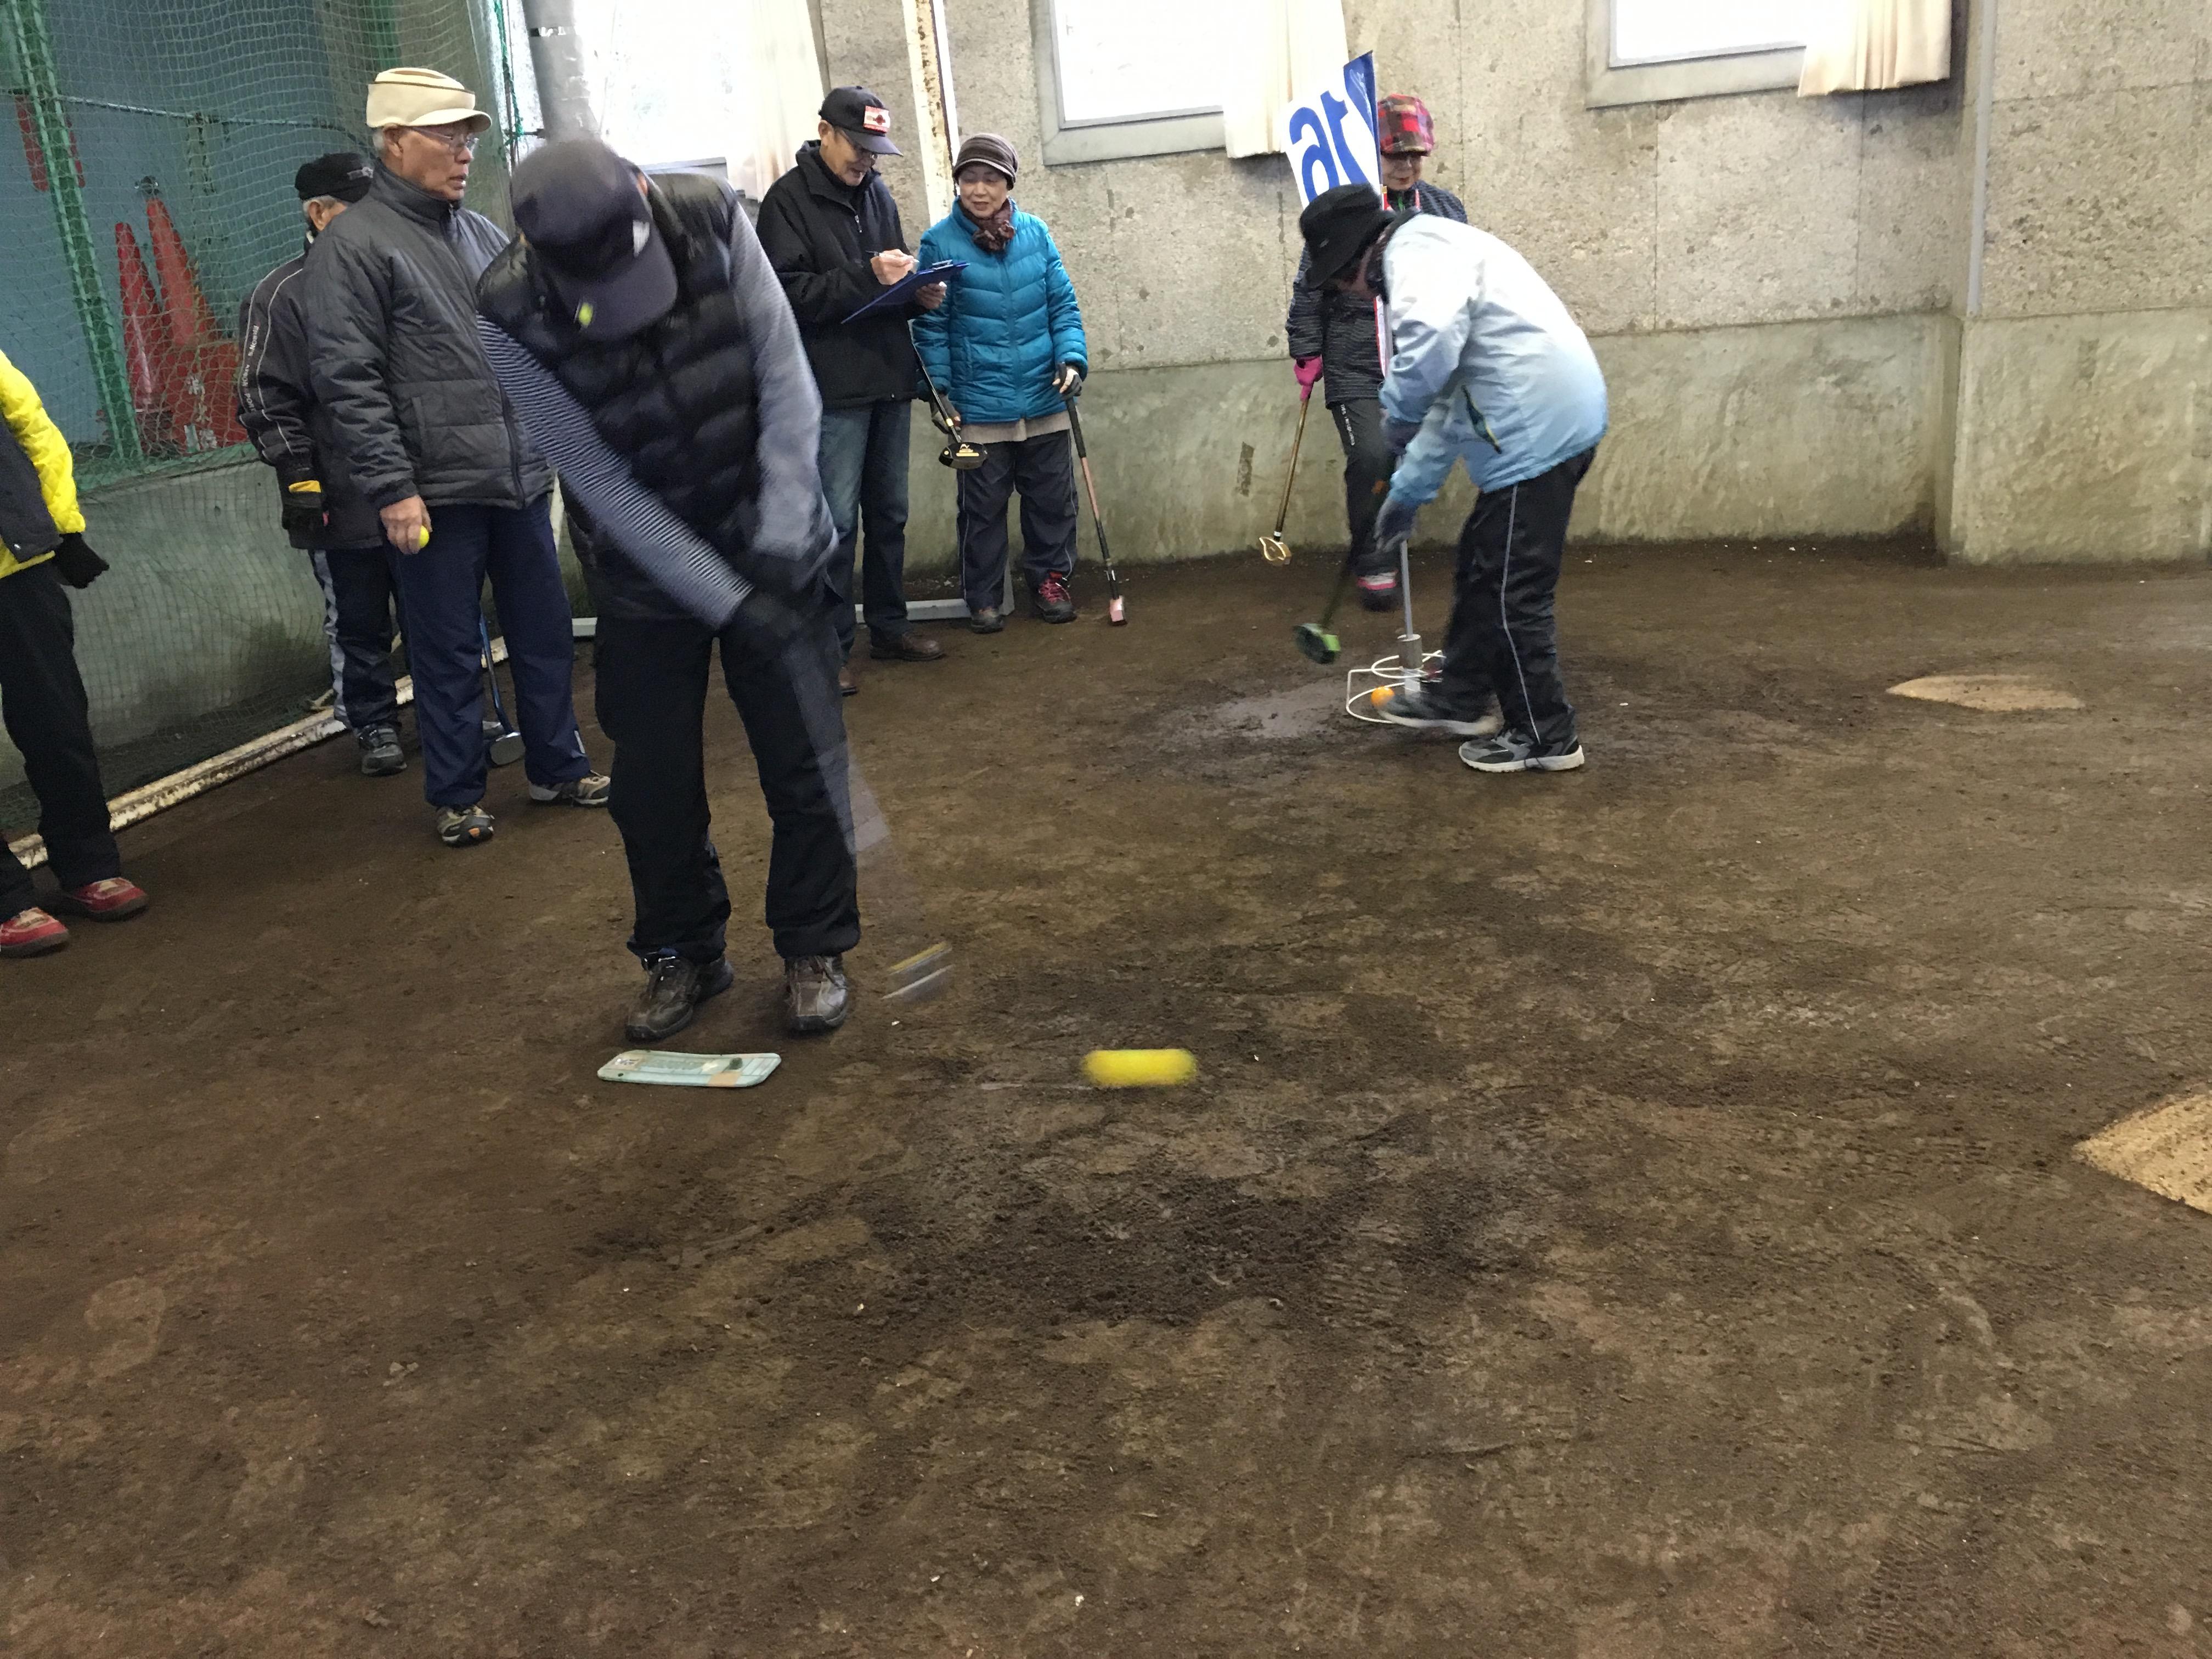 第2回克トレグラウンドゴルフ大会個人戦